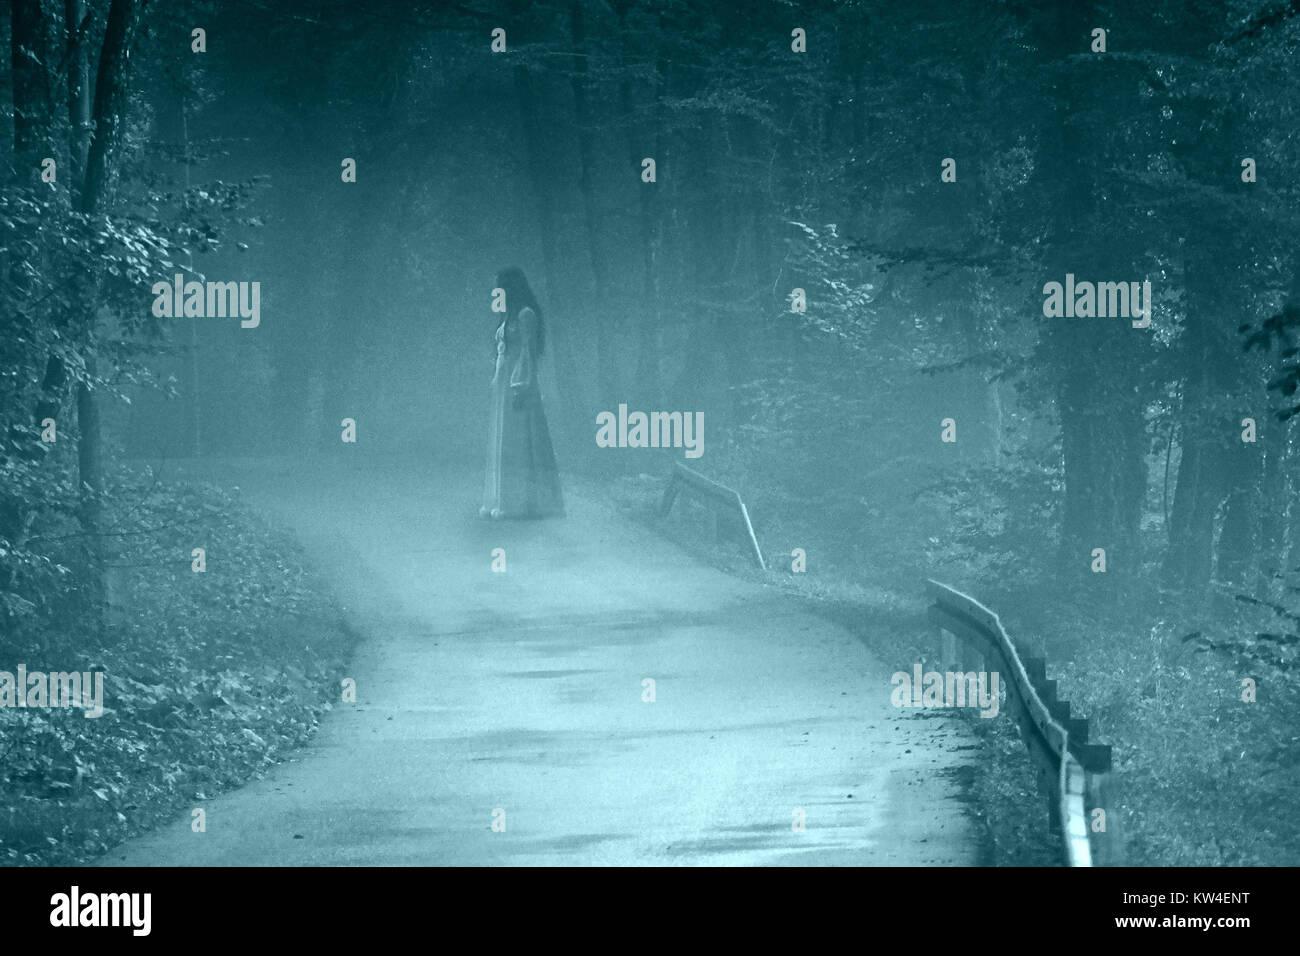 Geheimnisvolle Frau Ghost in weißem Kleid in der nebligen Wald Straße, vintage Noise Filter Stockbild